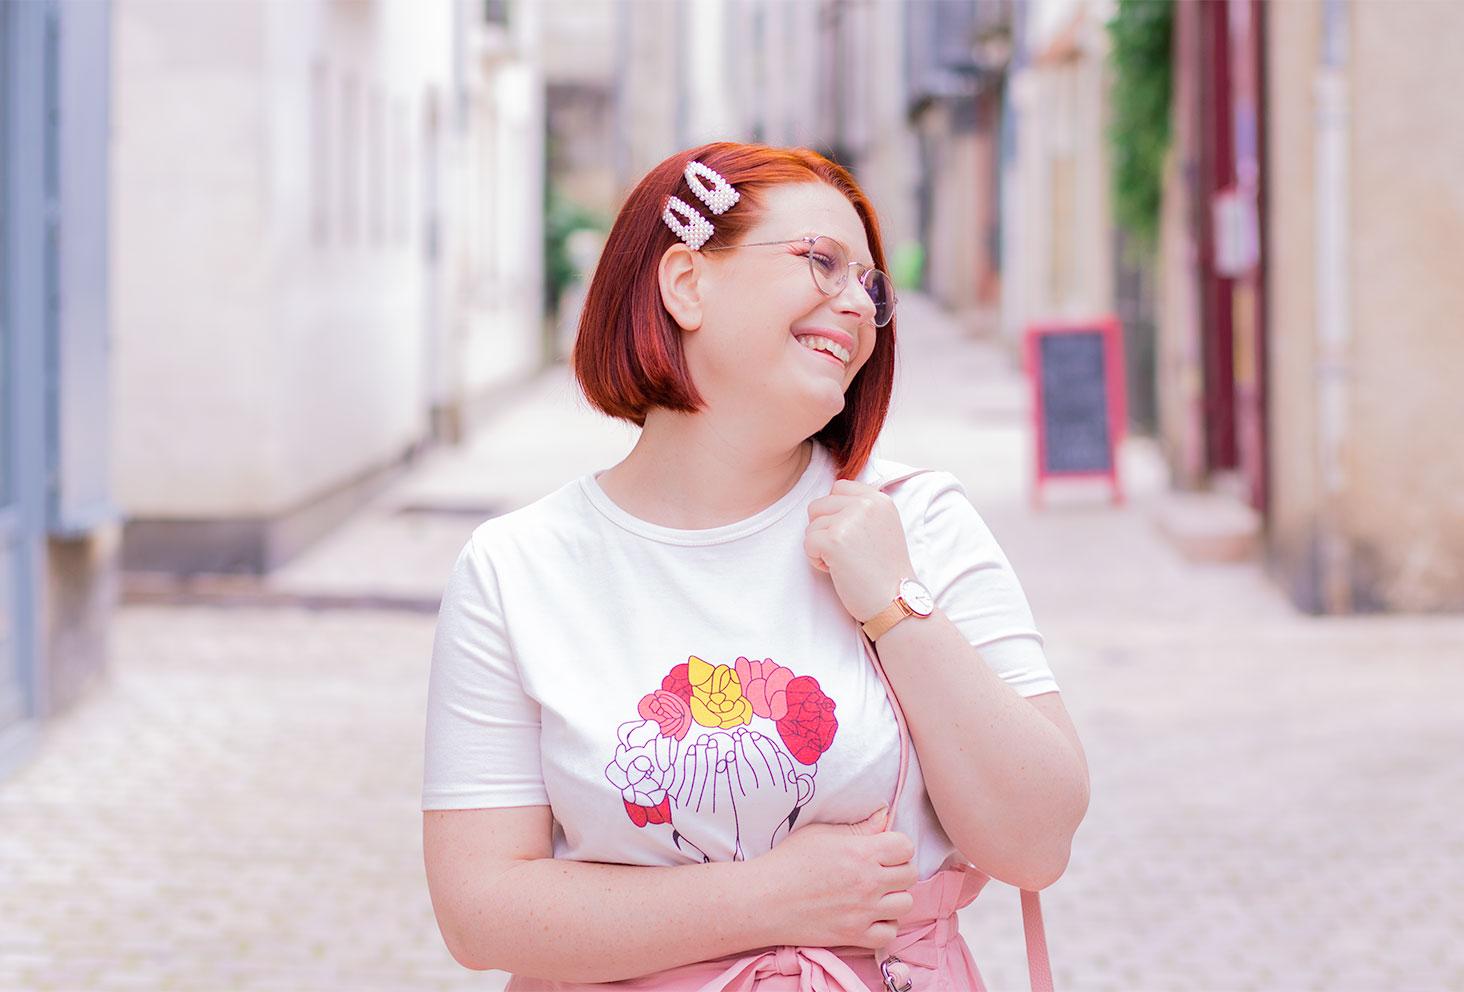 Dans la rue de face avec le visage de profil, des barrettes en perles dans les cheveux avec le sourire, les mains accrochées à la bandoulière du sac sur l'épaule